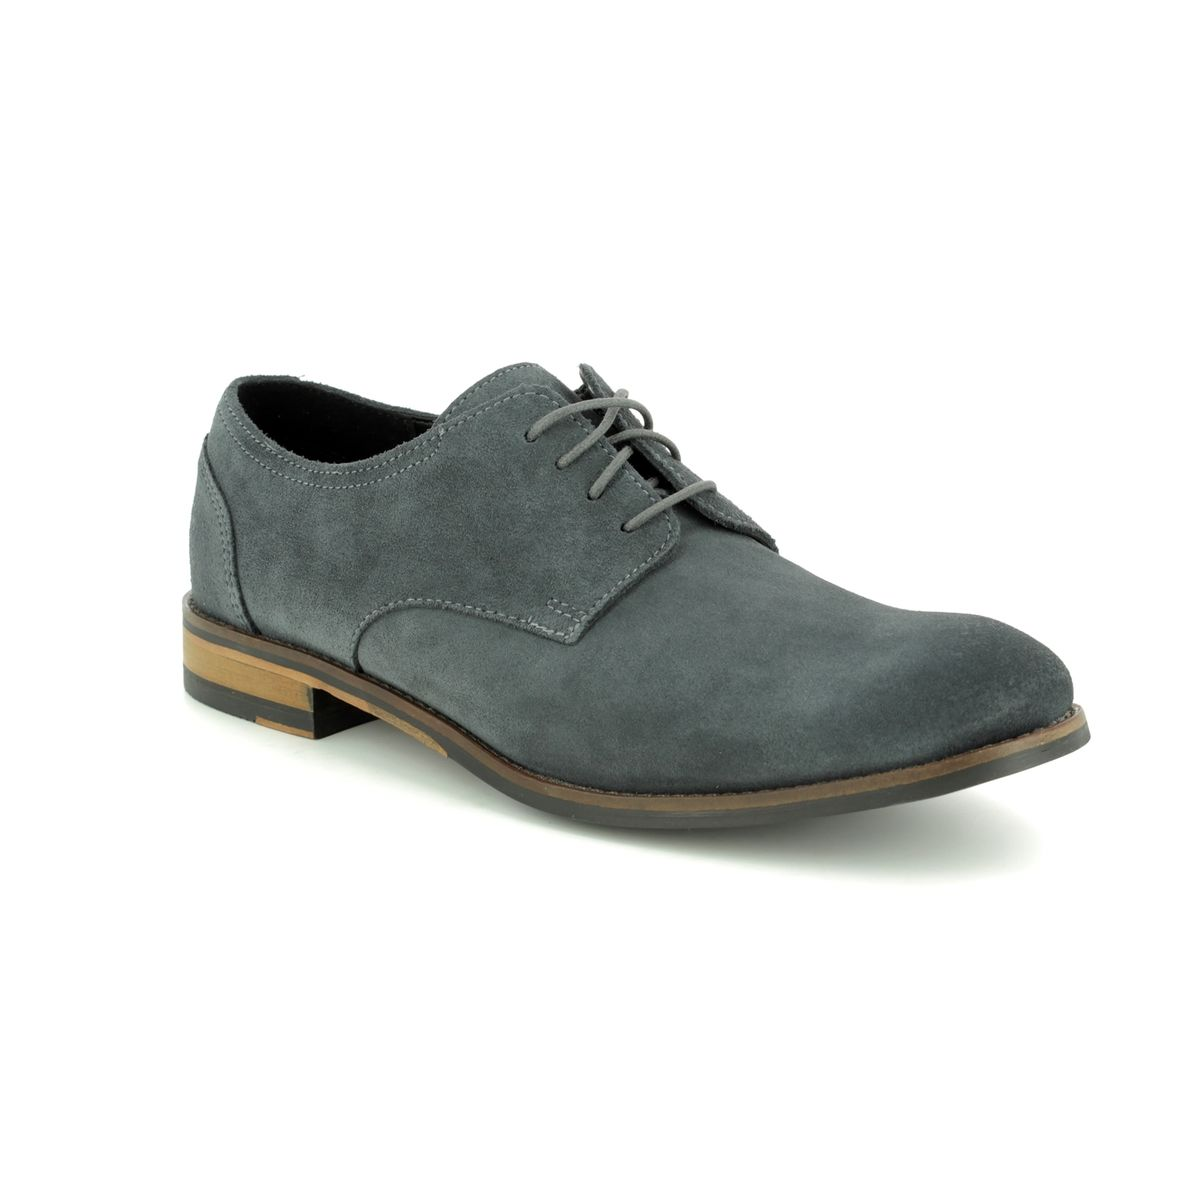 699ca4c4d78cf Clarks Fashion Shoes - Grey suede - 410407G FLOW PLAIN